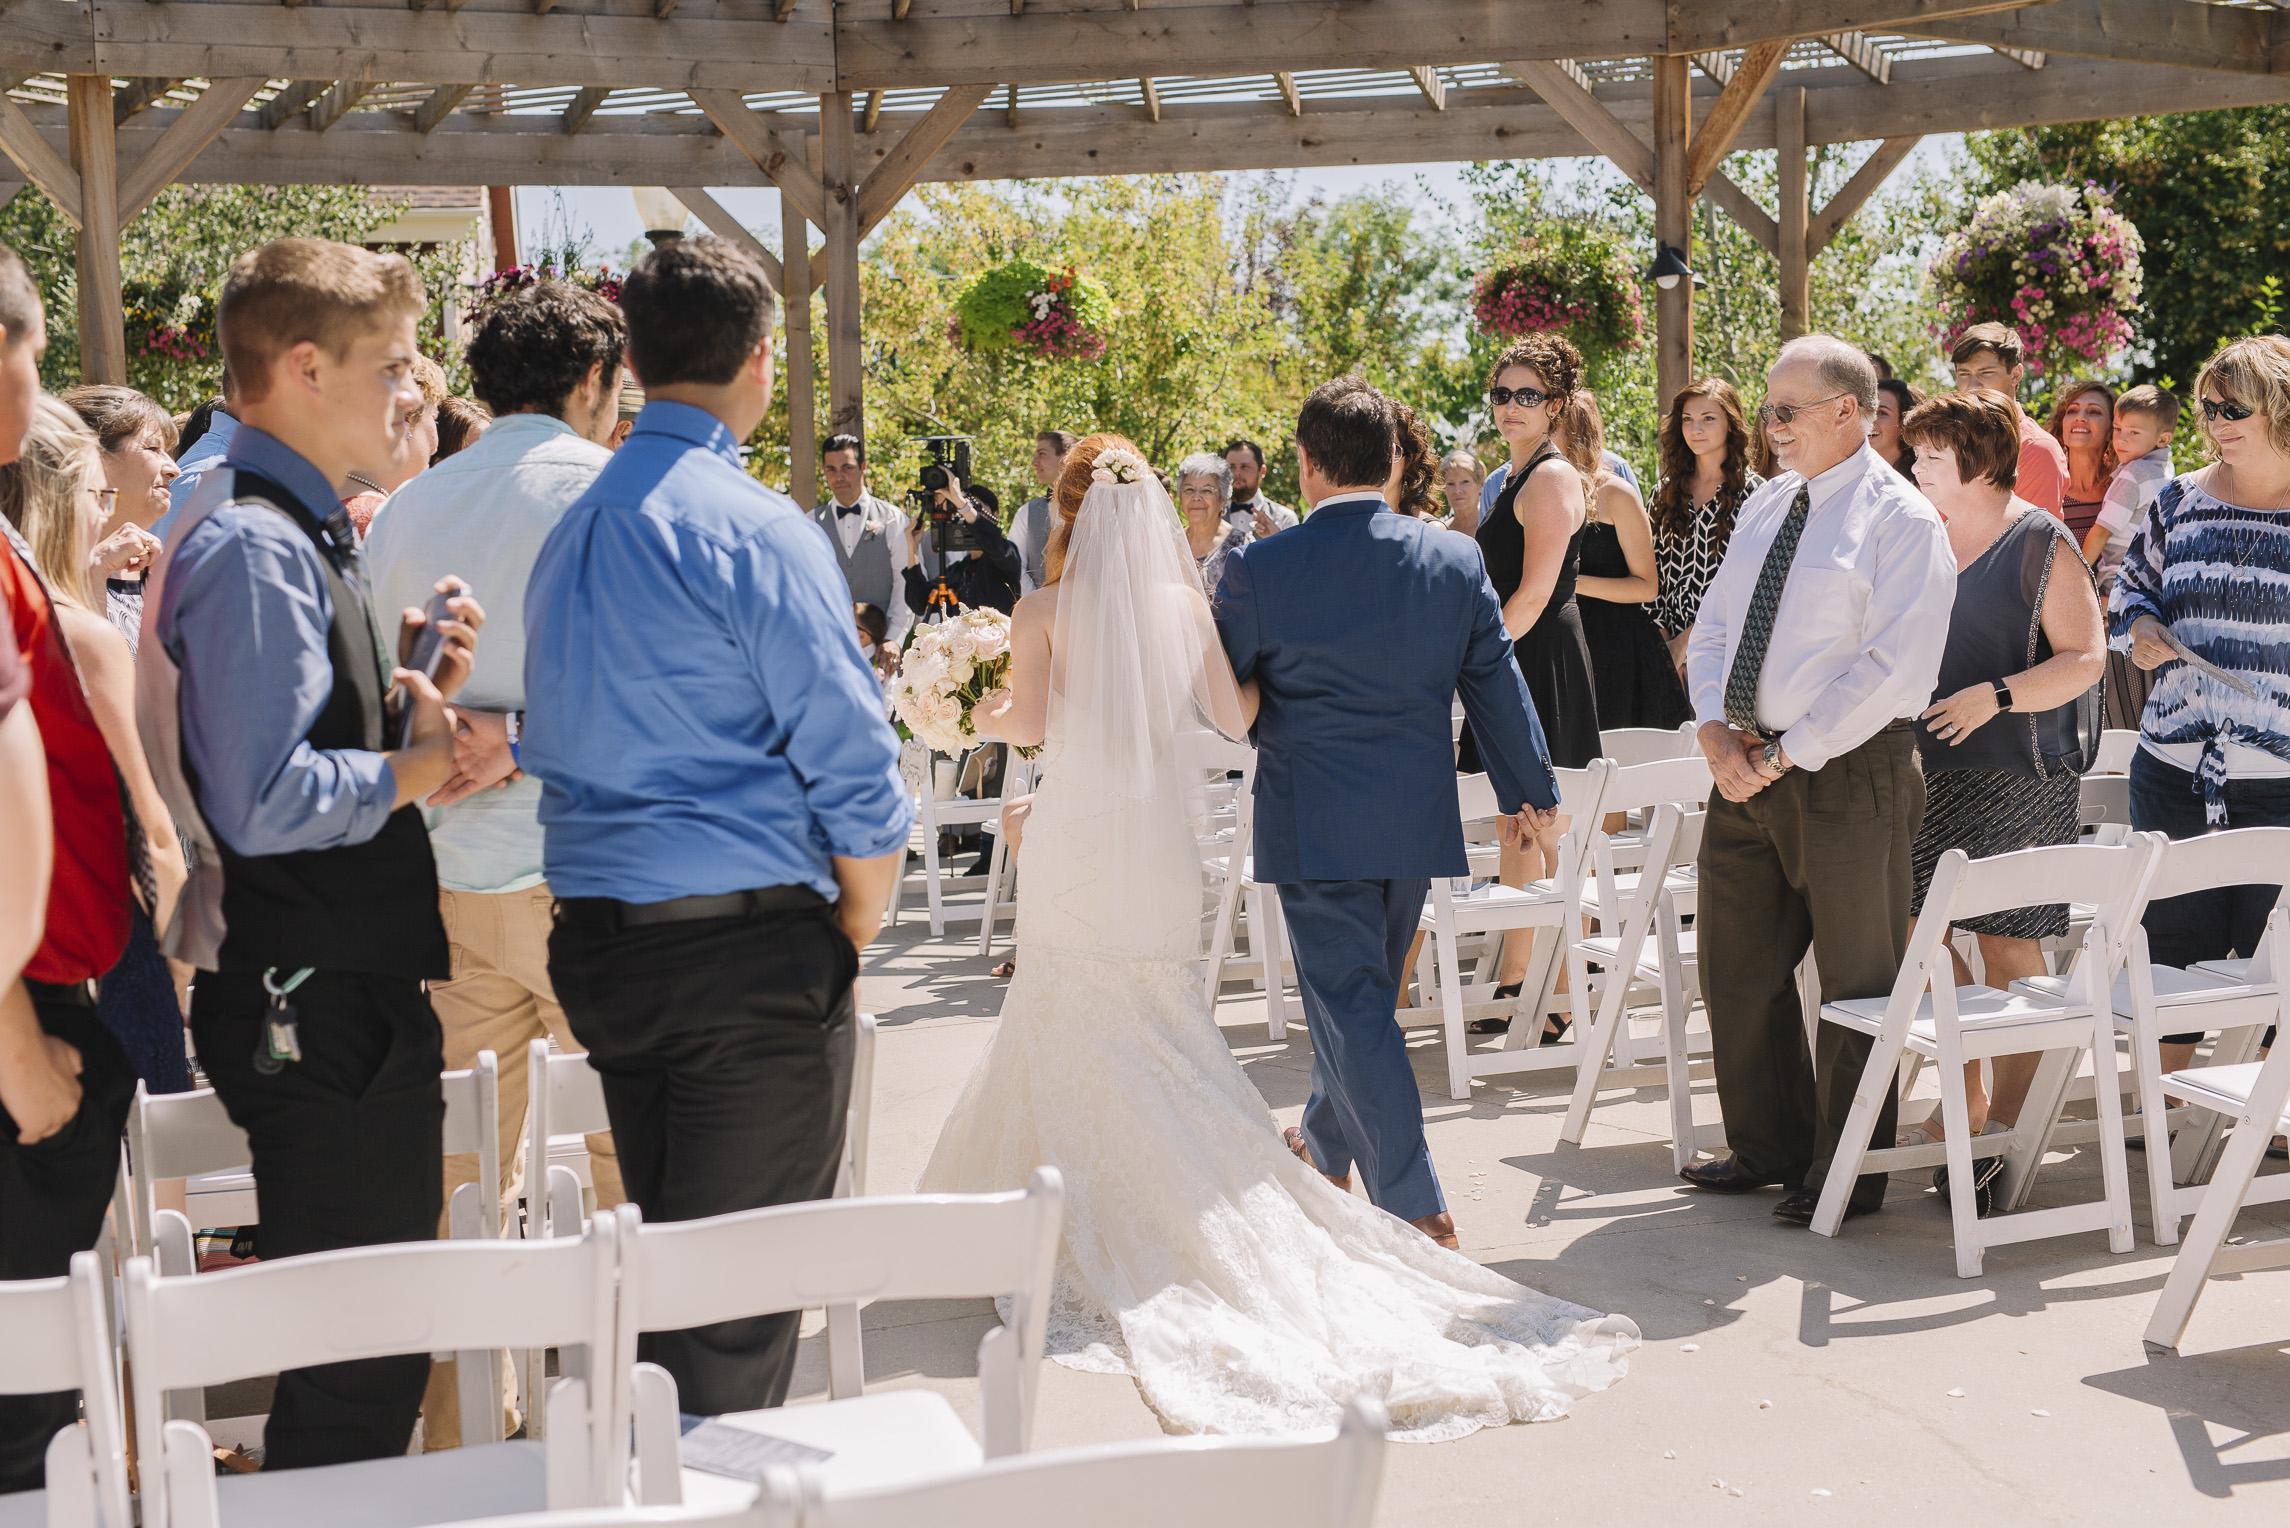 web sized images -- no to print --CALVIN & MCKYLEY WEDDING PHOTOS - COLORADO PHOTOGRAPHER - DEBI RAE PHOTOGRAPHY-843.jpg